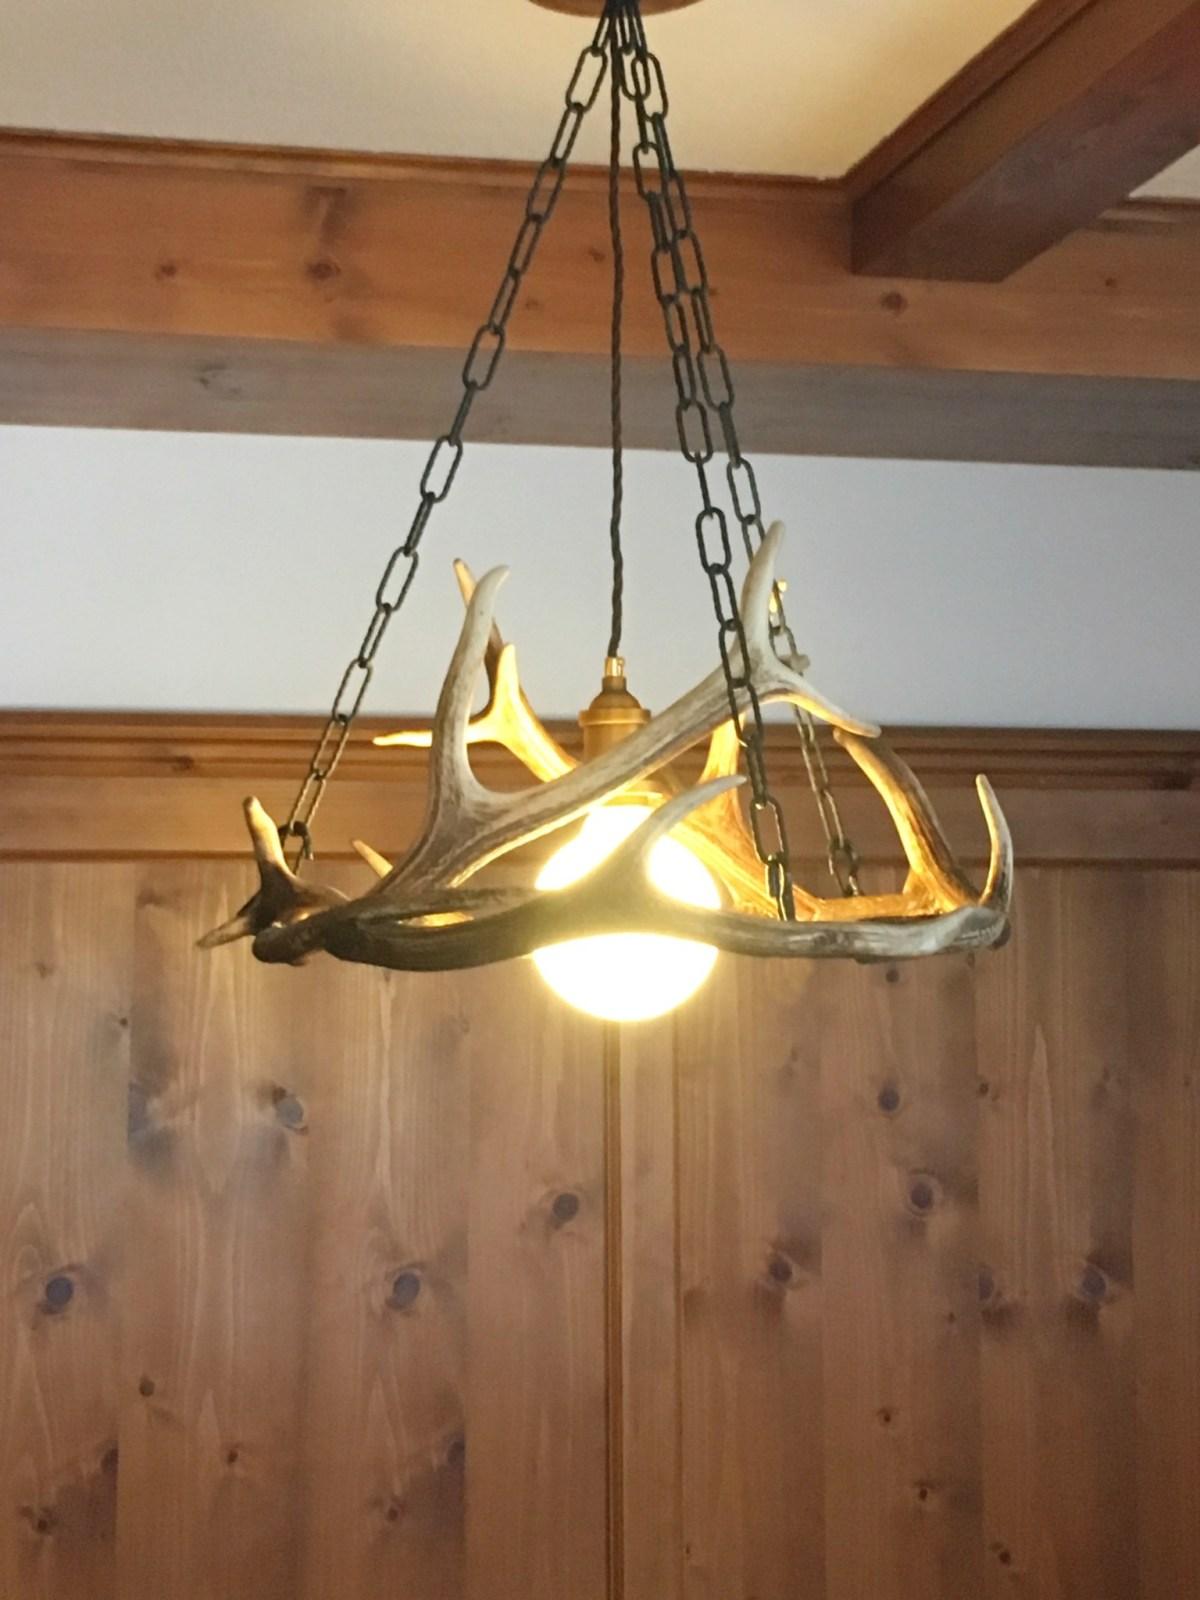 geweihlampe, lampe aus geweih, forkl, johannes Forkl, omd, oh my deer, geweih, geweih design, manufaktur österreich, geweihleuchte, leuchte geweih, lampe aus hirschgeweih, kronleuchter aus geweih, hirschhornlampe, geweihmöbel, designed by forkl,geweih kronleuchter rund, hirschgeweih deckenlampe, deckenlampe geweih, geweih lampenschirm, hängelampe damhirsch, damhirsch hängelampe, lampe aus geweih, runde hängelampe klein, kleine geweihlampe, geweihlampe klein, kleine esstischlampe, kugellicht lampe, geweihlampe kugellicht